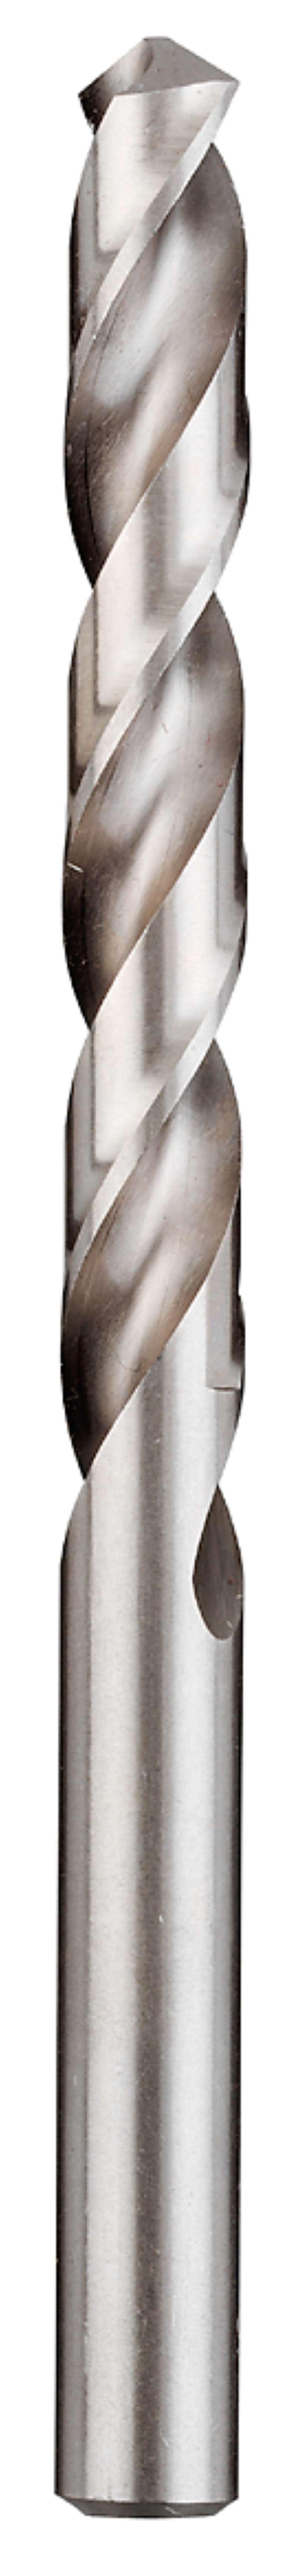 Сверло по металлу Kwb 206-540